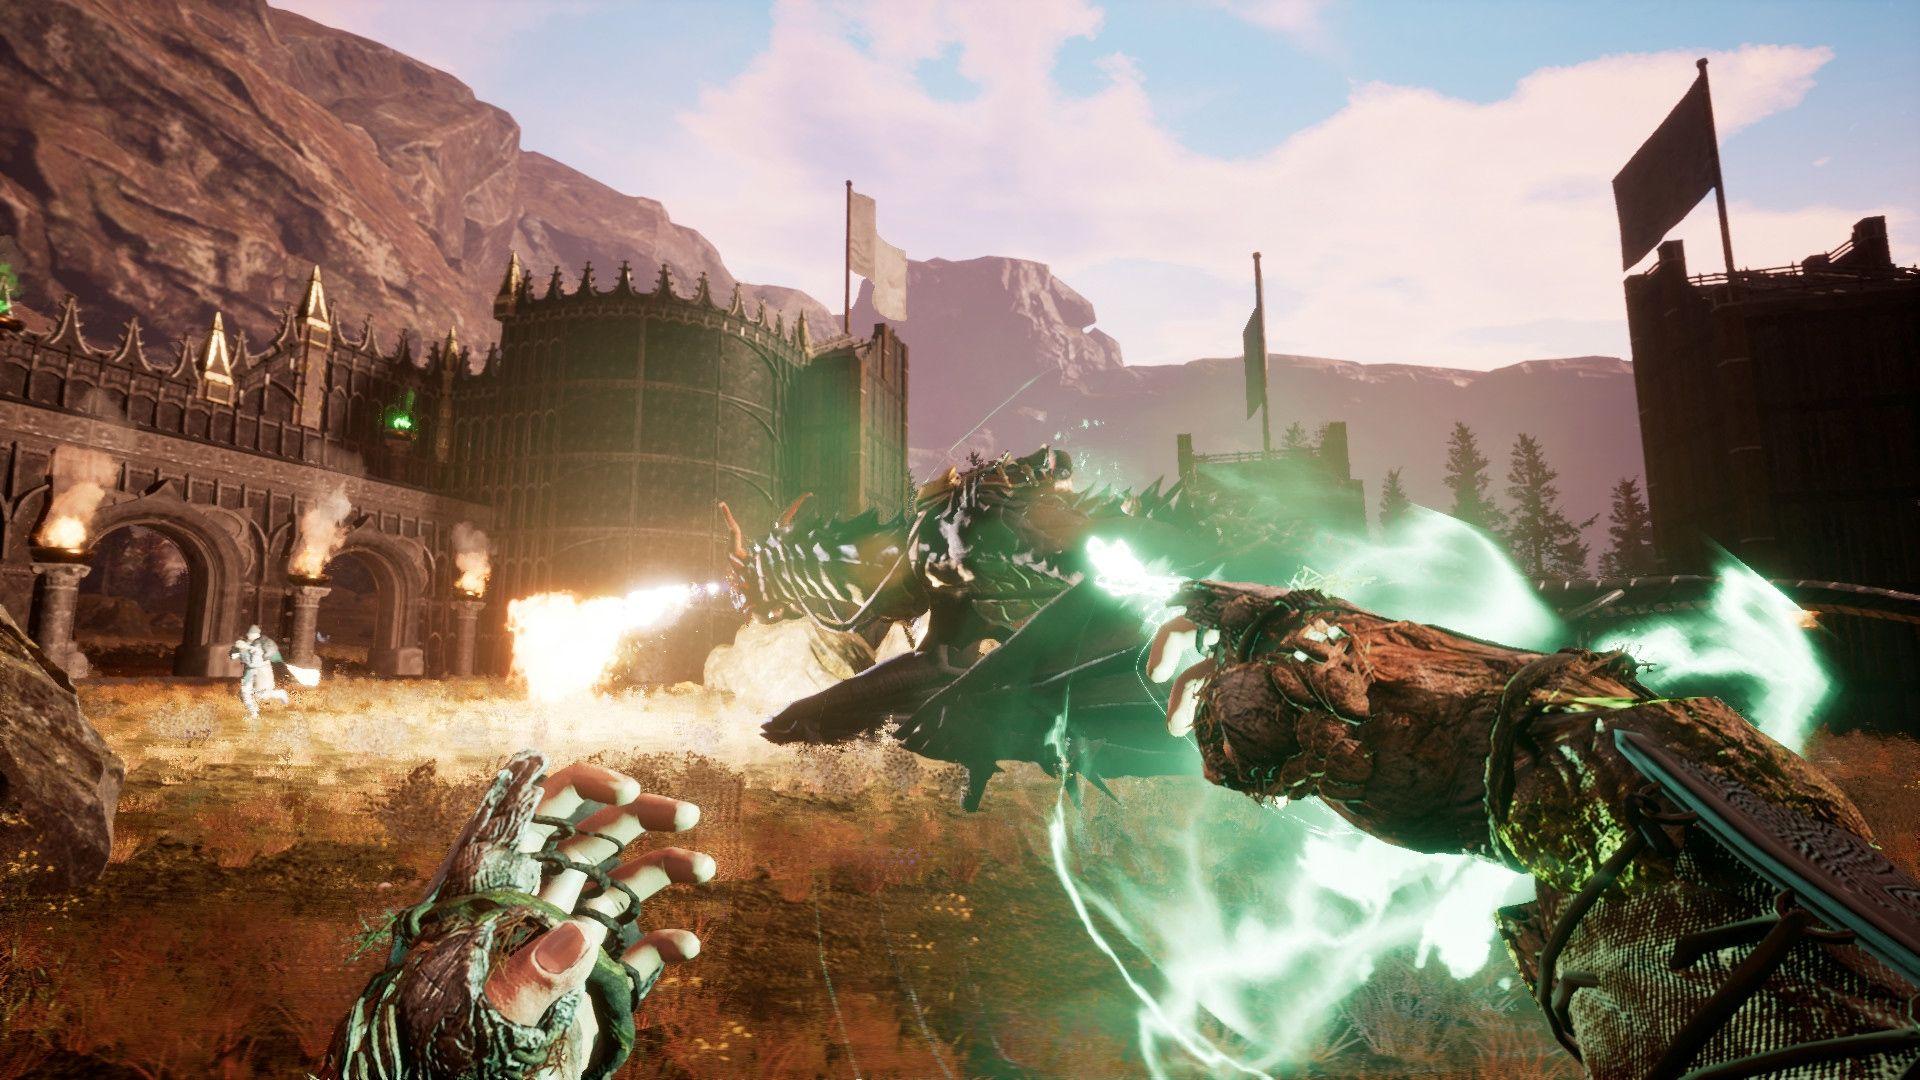 Online sandbox RPG Citadel lets you fly on a broomstick